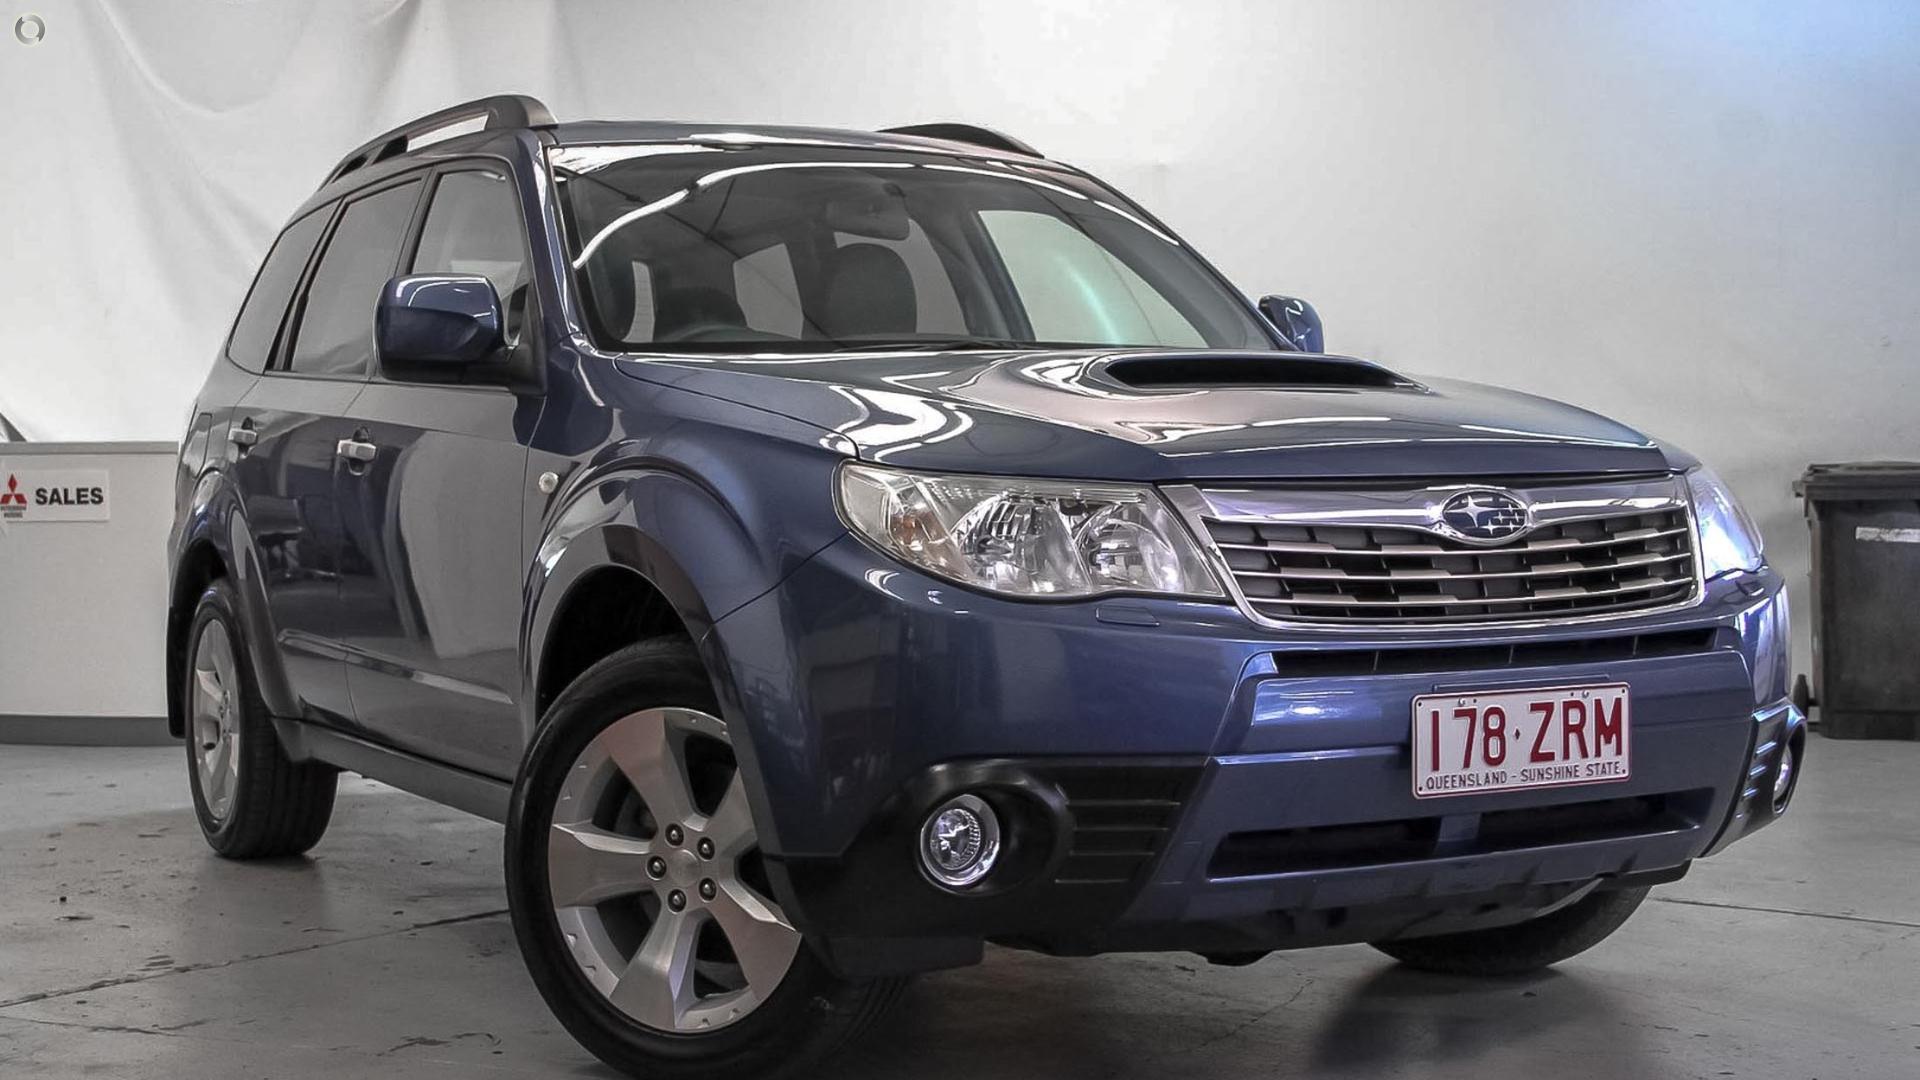 2010 Subaru Forester 2.0D Premium S3